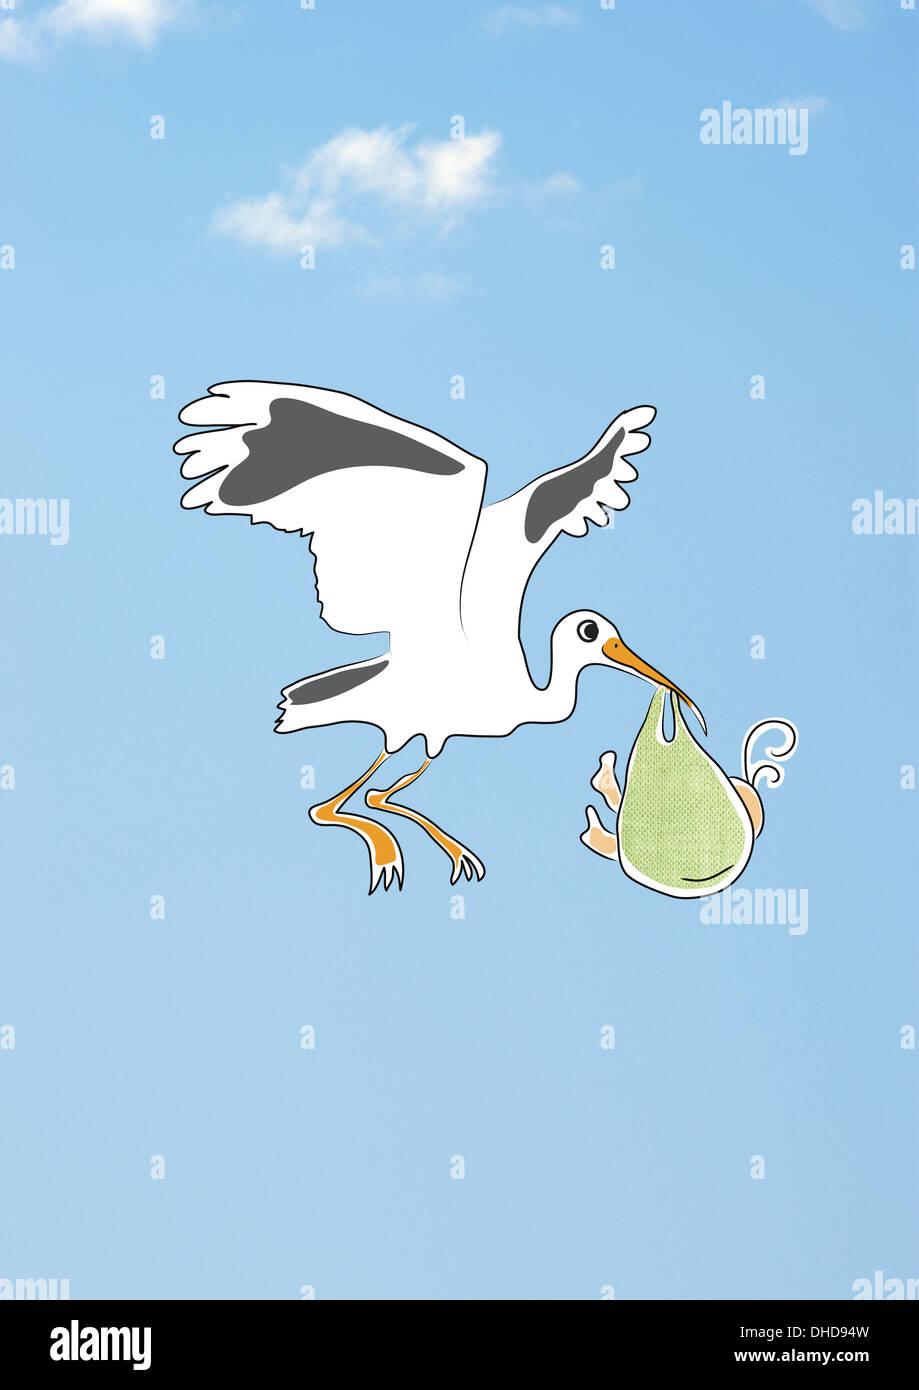 cegonha voando no céu proporcionando bebê recém nascido criança